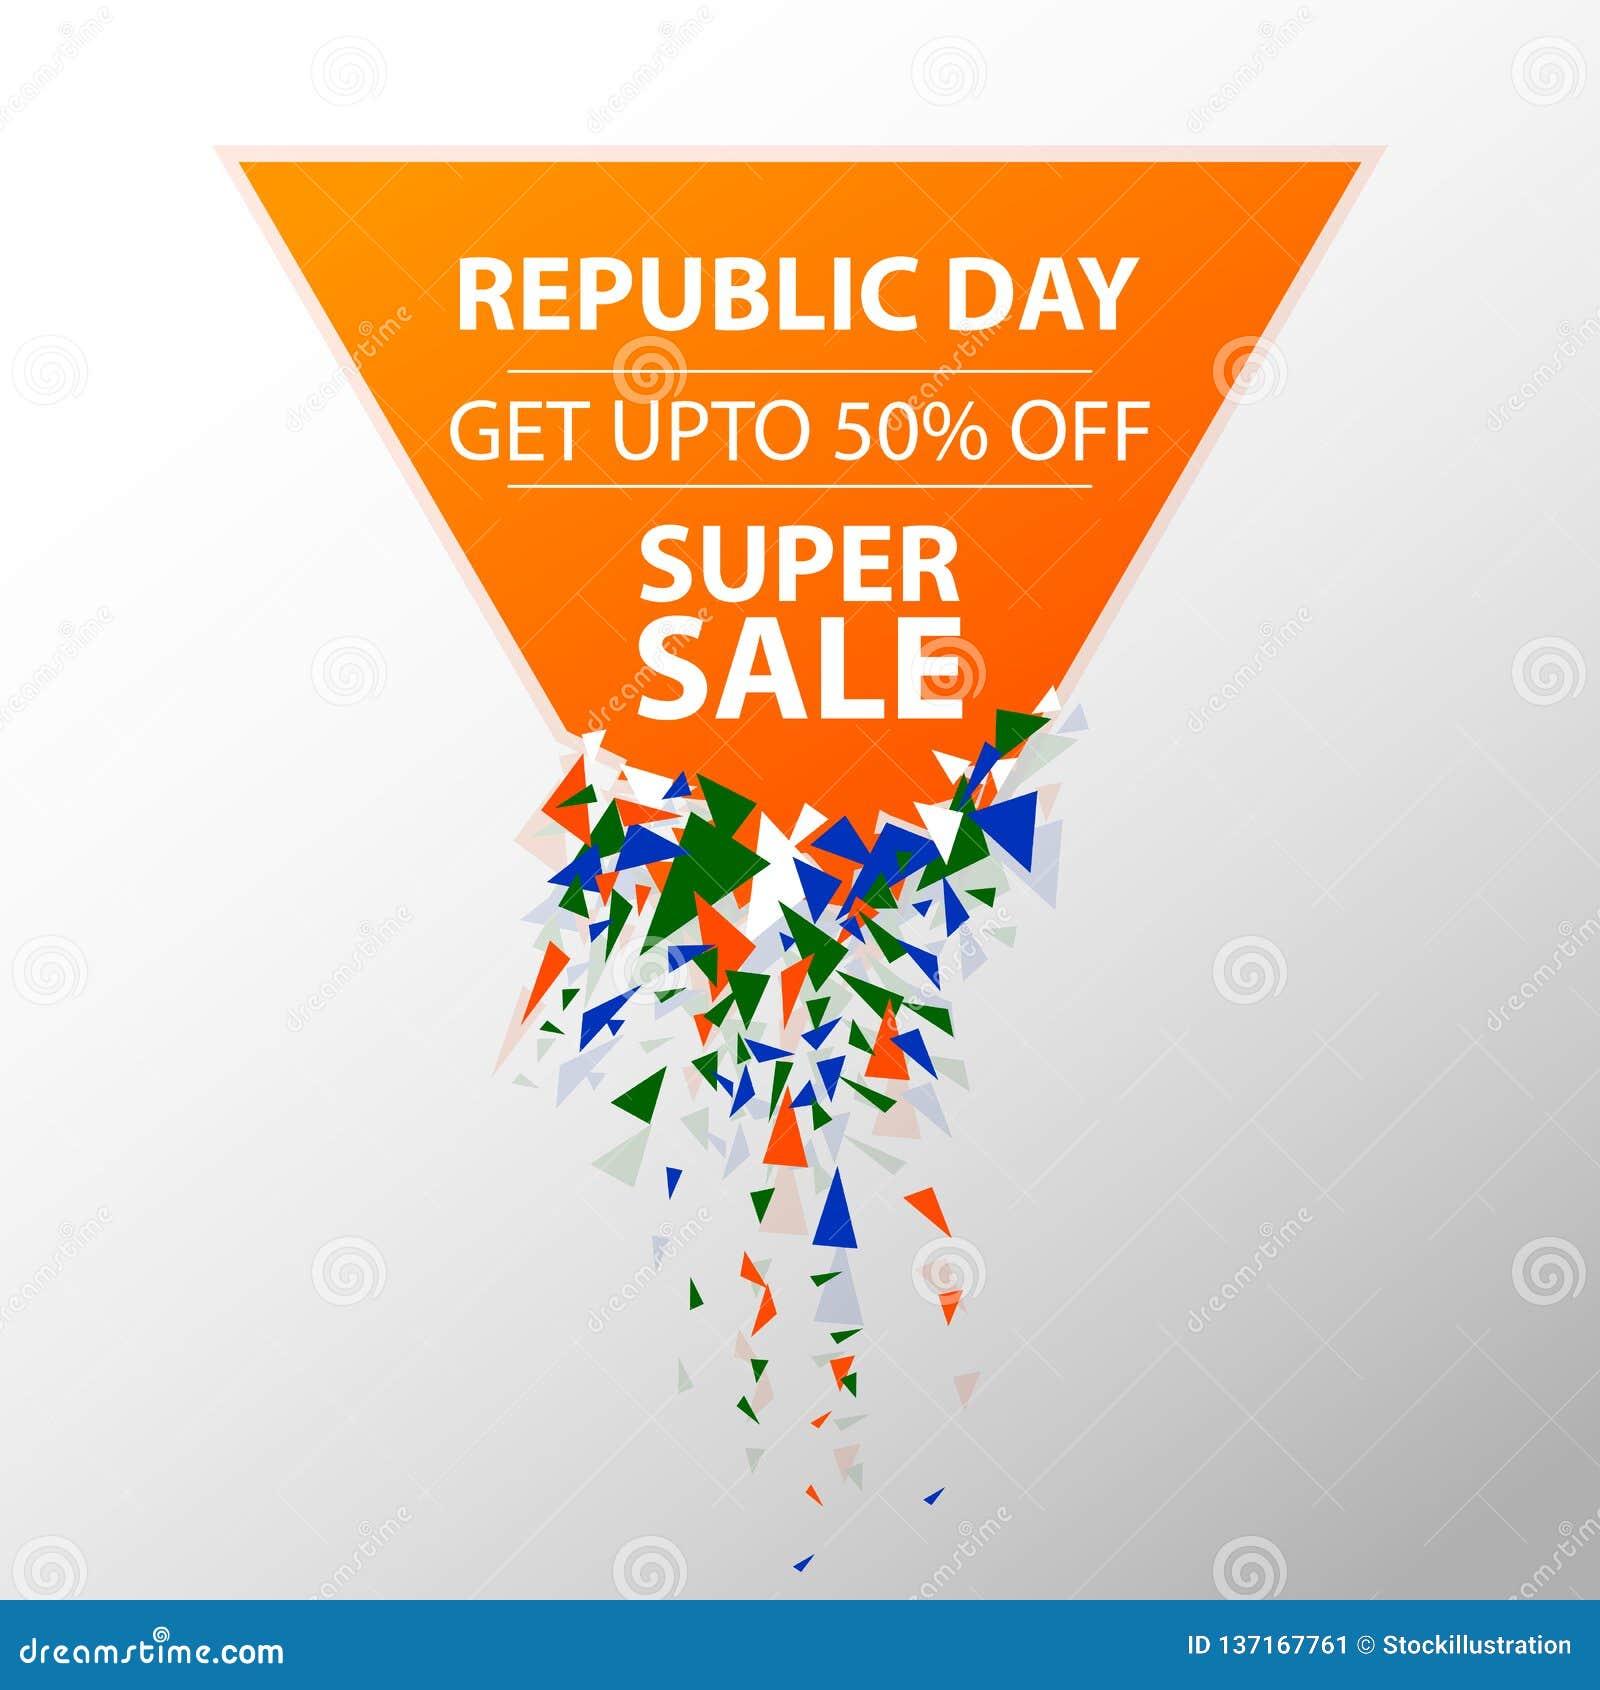 Bandera del anuncio de la promoción de venta para el 26 de enero, día feliz de la república de la India